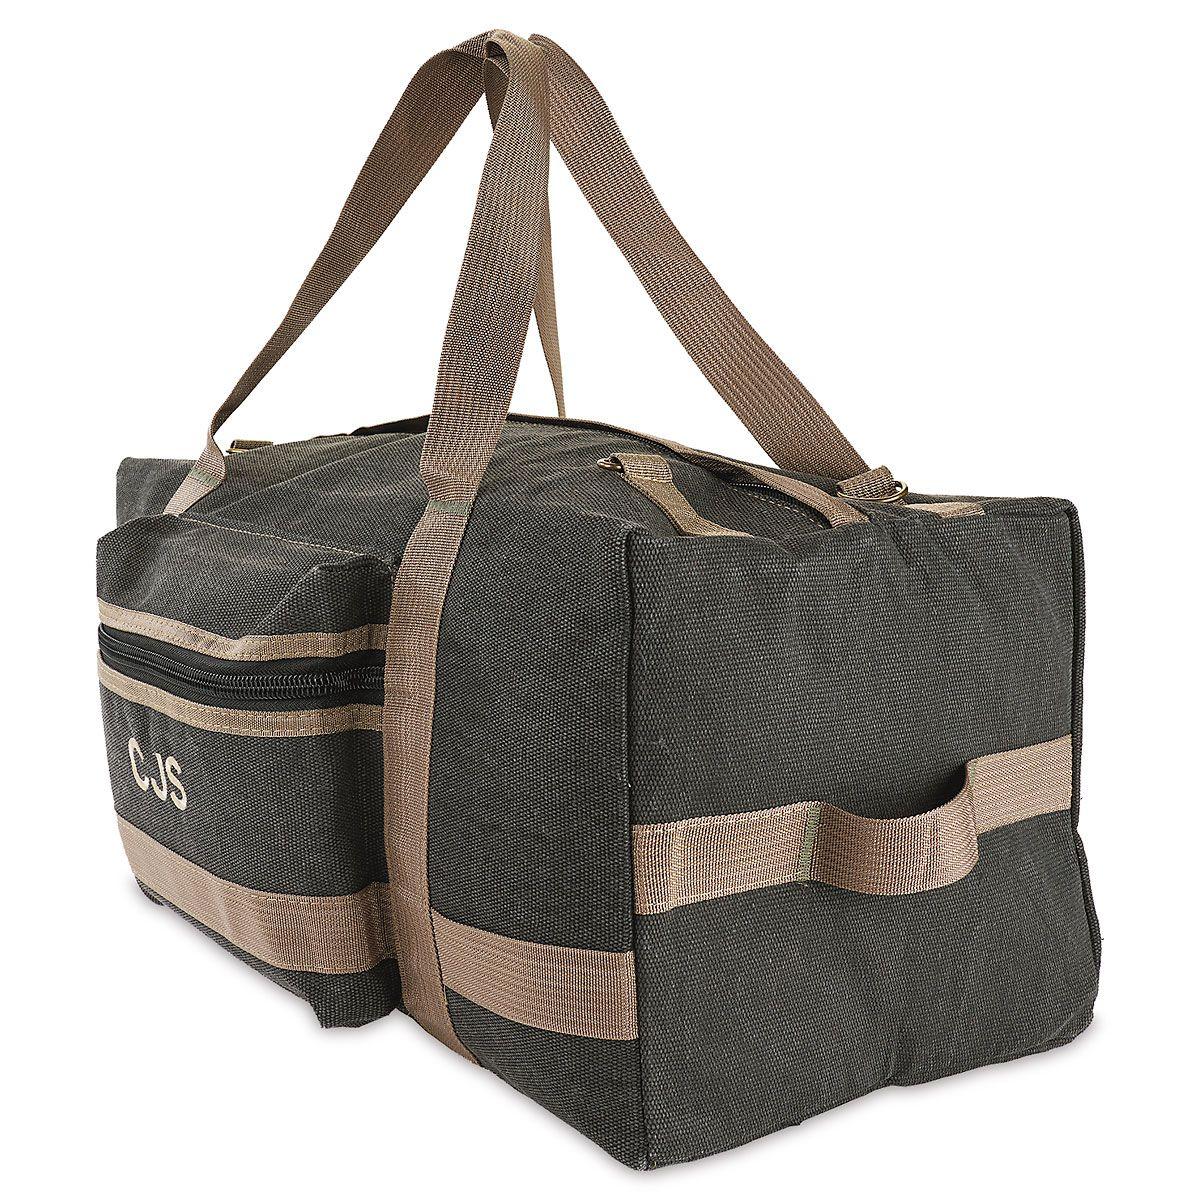 Slate Personalized Weekender Duffel Bag